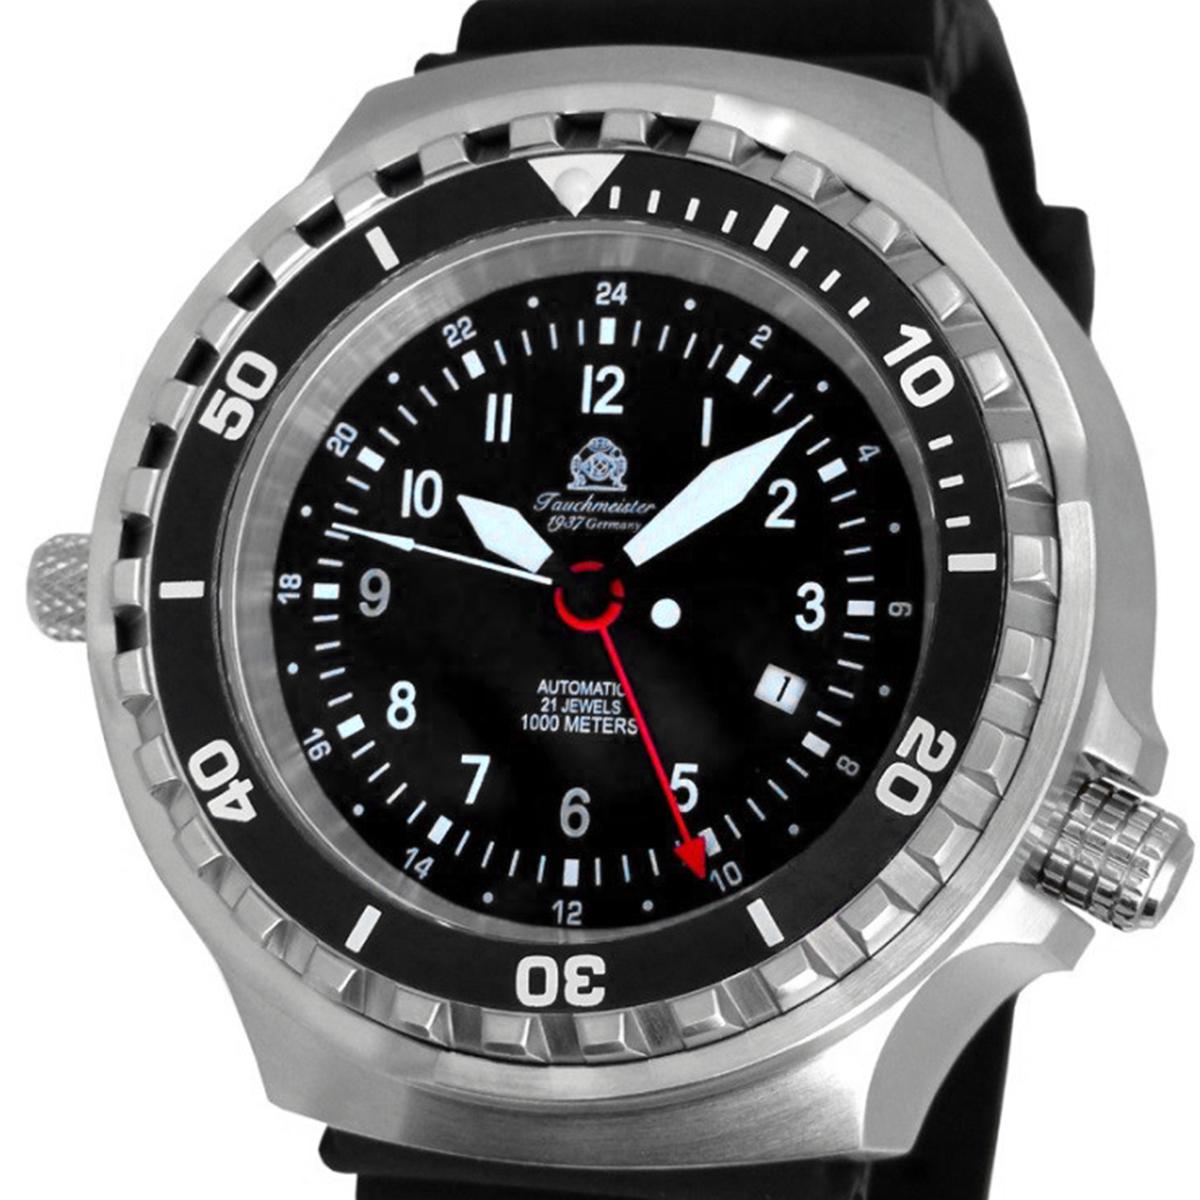 Tauchmeister 1937 トーチマイスター1937 電池式クォーツ 腕時計 [T0311] 並行輸入品  デイト GMT(ワールドタイム) ダイバーズ ヘリウムエスケープバルブ